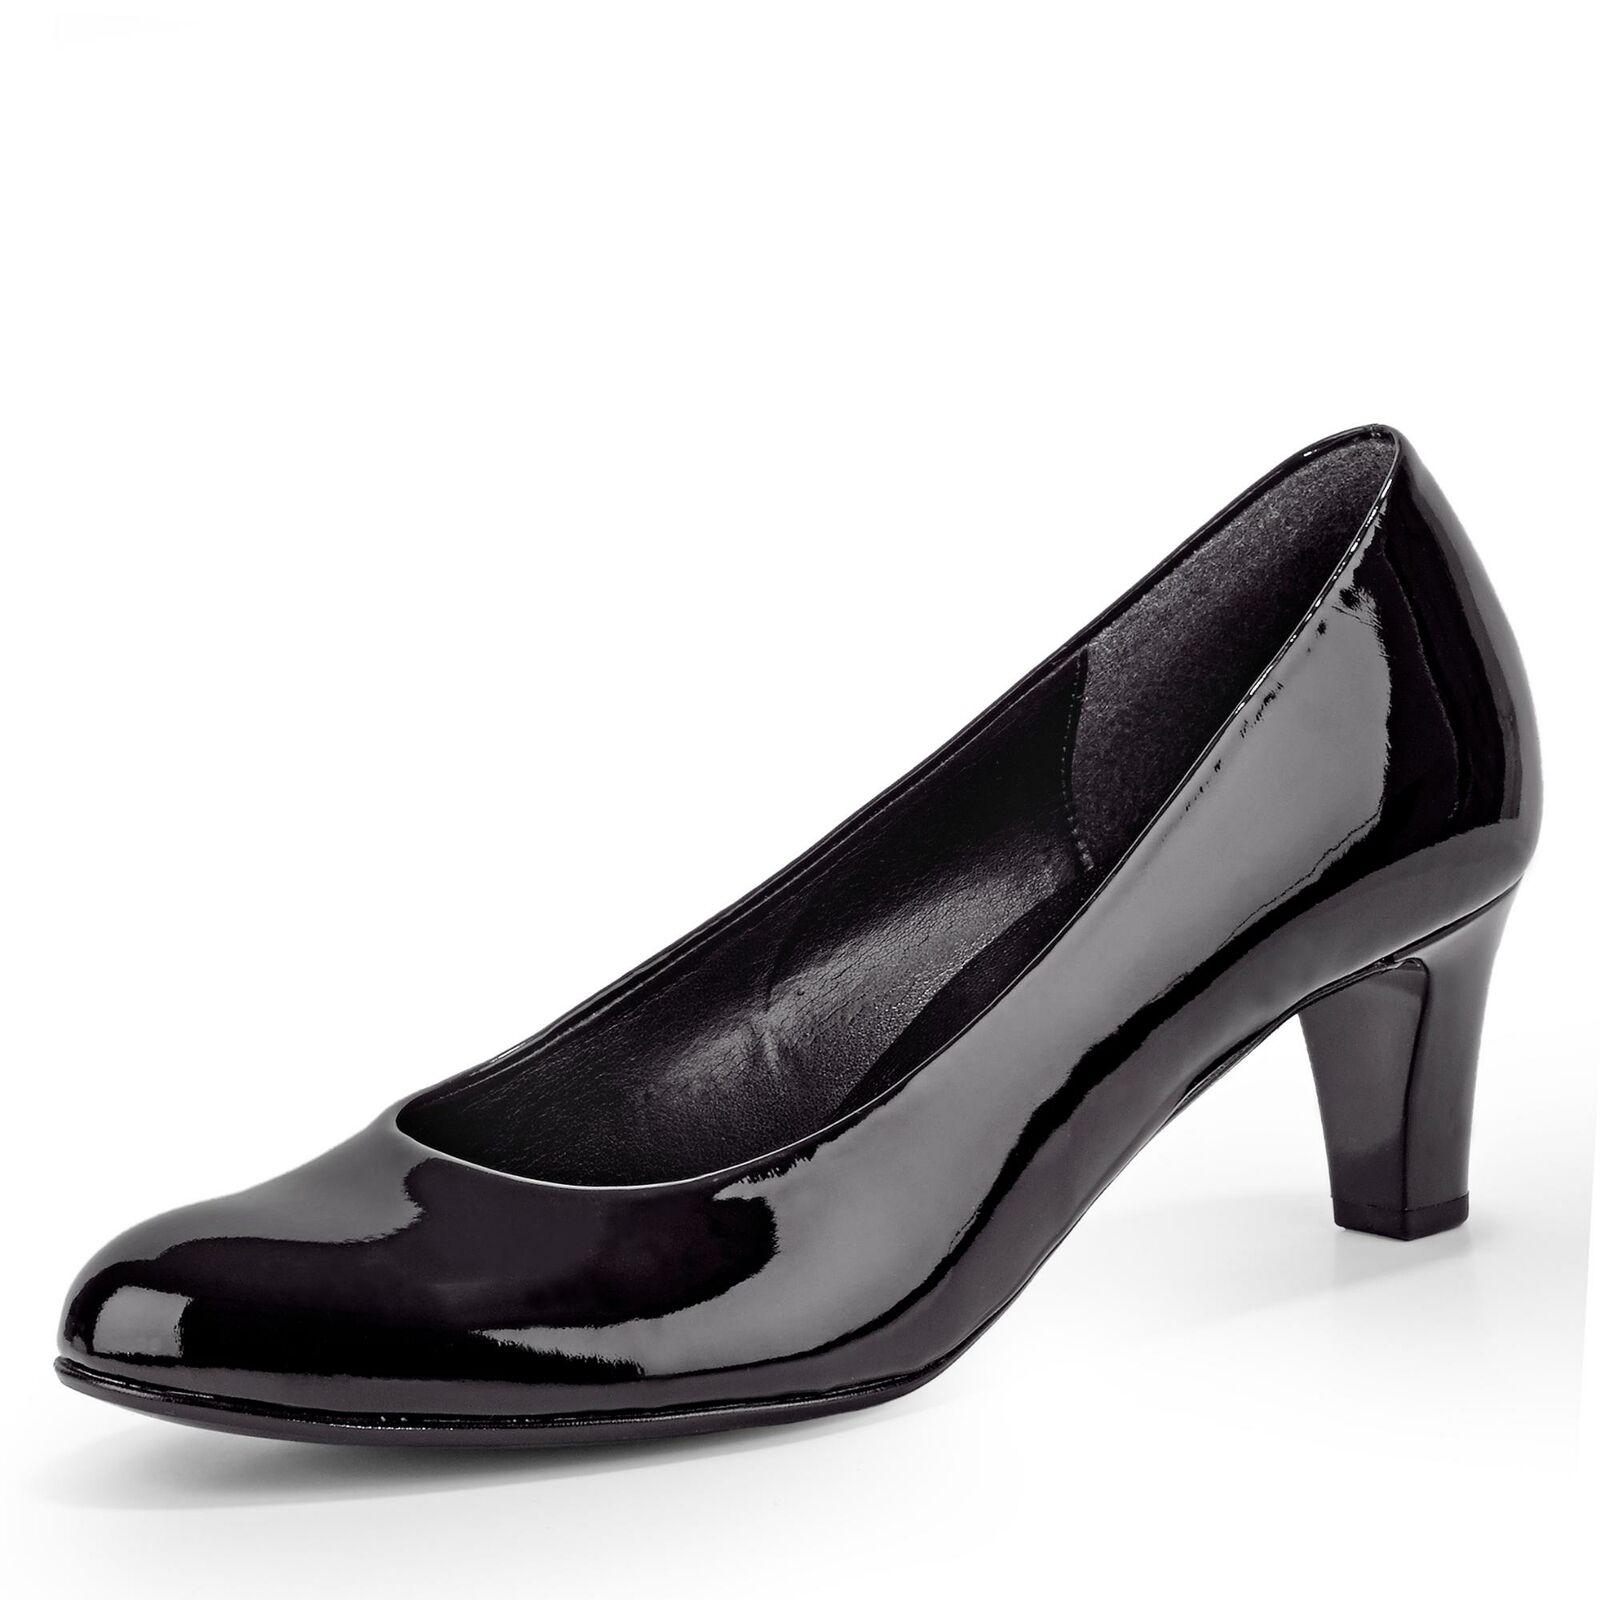 Gabor Damen Pumps Klassisch Schlupfschuh Lackschuh Blockabsatz Schuhe schwarz